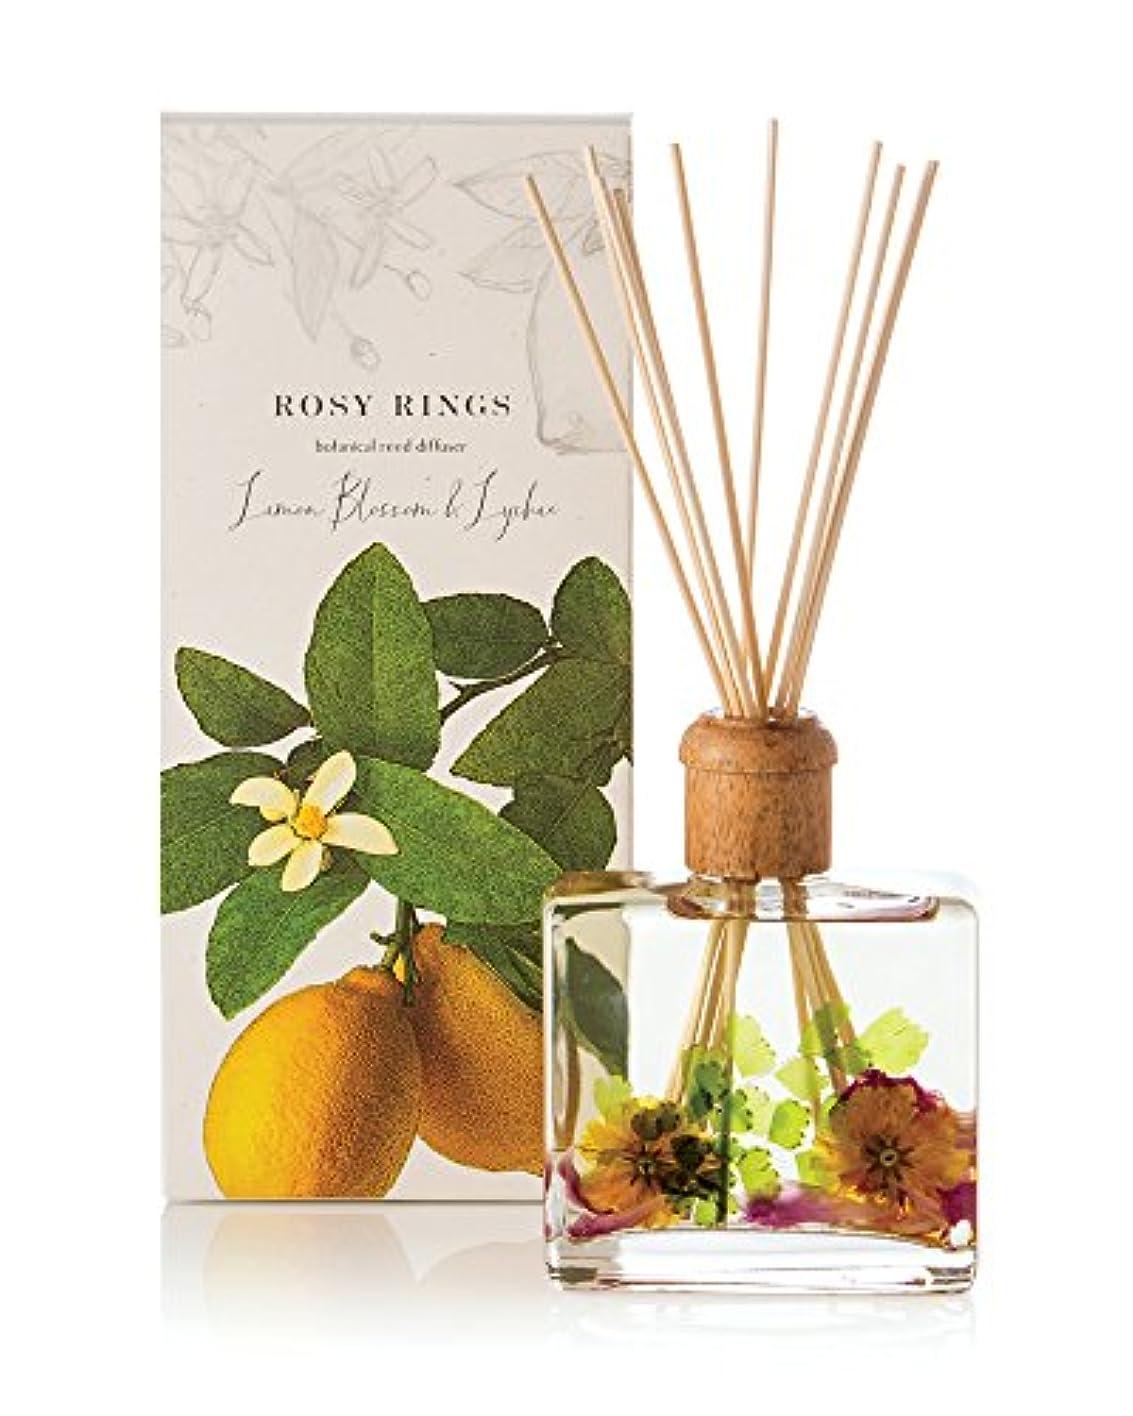 立証する争いヒロインロージーリングス ボタニカルリードディフューザー レモンブロッサム&ライチ ROSY RINGS Signature Collection Botanical Reed Diffuser – Lemon Blossom...